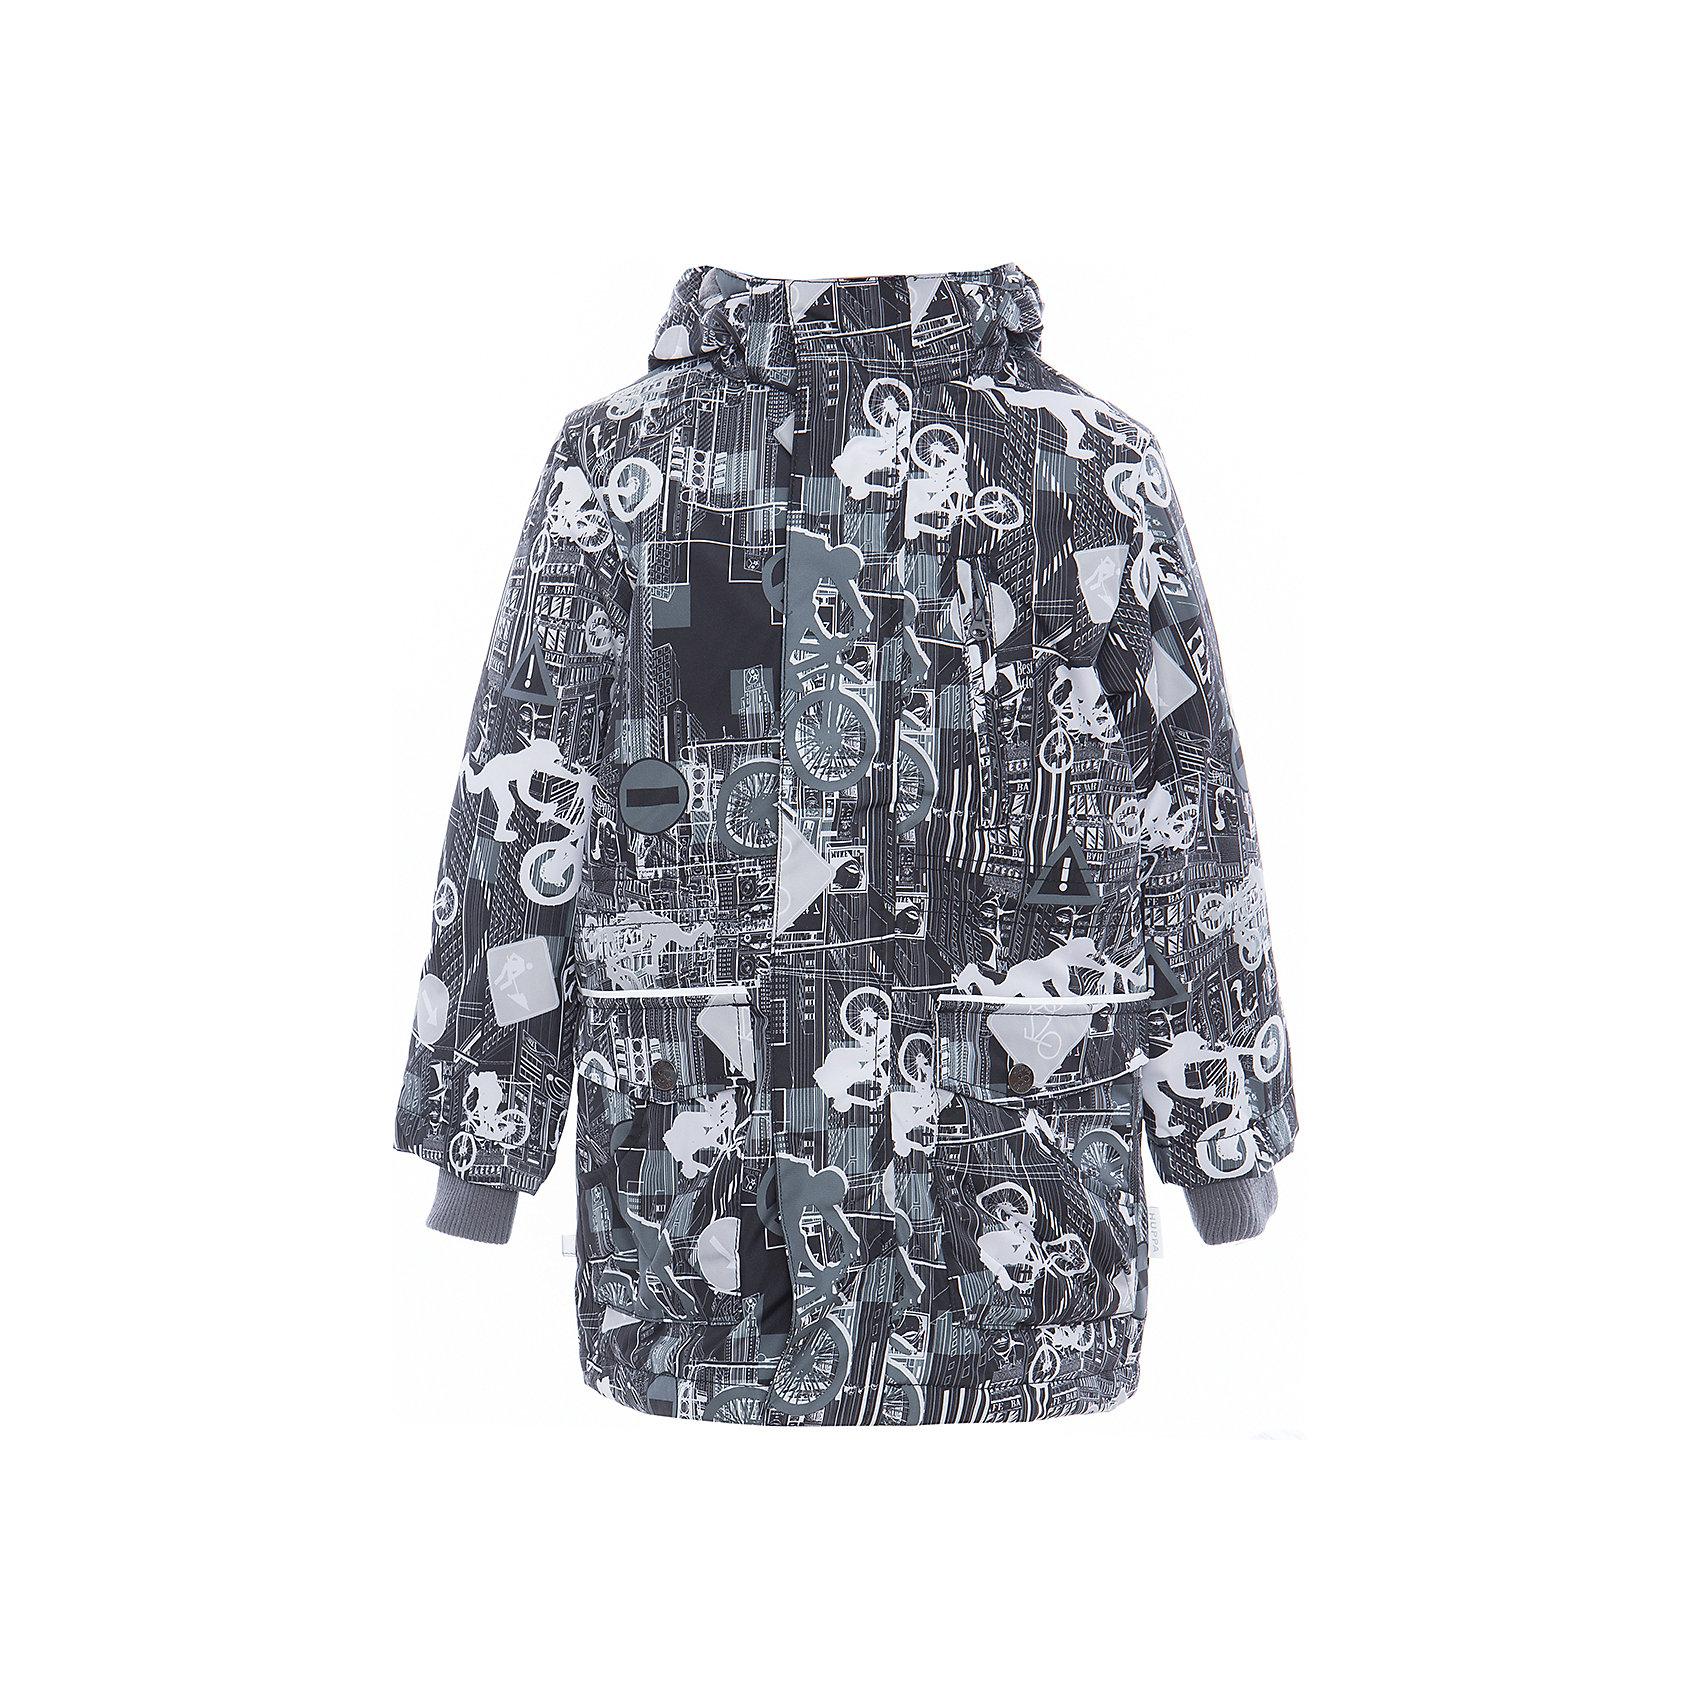 Куртка для мальчика ROLF HuppaВерхняя одежда<br>Характеристики товара:<br><br>• цвет: серый принт<br>• ткань: 100% полиэстер<br>• подкладка: тафта - 100% полиэстер<br>• утеплитель: 100% полиэстер 100 г<br>• температурный режим: от -5°С до +10°С<br>• водонепроницаемость: 10000 мм<br>• воздухопроницаемость: 10000 мм<br>• светоотражающие детали<br>• эластичные манжеты<br>• молния<br>• плечевые швы проклеены<br>• карманы на молнии<br>• эластичный шнур + фиксатор<br>• съёмный капюшон с резинкой<br>• внутренние вязаные манжеты<br>• комфортная посадка<br>• коллекция: весна-лето 2017<br>• страна бренда: Эстония<br><br>Эта стильная куртка обеспечит детям тепло и комфорт. Она сделана из материала, отталкивающего воду, и дополнено подкладкой с утеплителем, поэтому изделие идеально подходит для межсезонья. Материал изделия - с мембранной технологией: защищая от влаги и ветра, он легко выводит лишнюю влагу наружу. Для удобства сделан капюшон. Куртка очень симпатично смотрится, яркая расцветка и крой добавляют ему оригинальности. Модель была разработана специально для детей.<br><br>Одежда и обувь от популярного эстонского бренда Huppa - отличный вариант одеть ребенка можно и комфортно. Вещи, выпускаемые компанией, качественные, продуманные и очень удобные. Для производства изделий используются только безопасные для детей материалы. Продукция от Huppa порадует и детей, и их родителей!<br><br>Куртку для мальчика ROLF от бренда Huppa (Хуппа) можно купить в нашем интернет-магазине.<br><br>Ширина мм: 356<br>Глубина мм: 10<br>Высота мм: 245<br>Вес г: 519<br>Цвет: черный<br>Возраст от месяцев: 144<br>Возраст до месяцев: 156<br>Пол: Мужской<br>Возраст: Детский<br>Размер: 158,104,110,116,122,128,134,140,146,152<br>SKU: 5347088